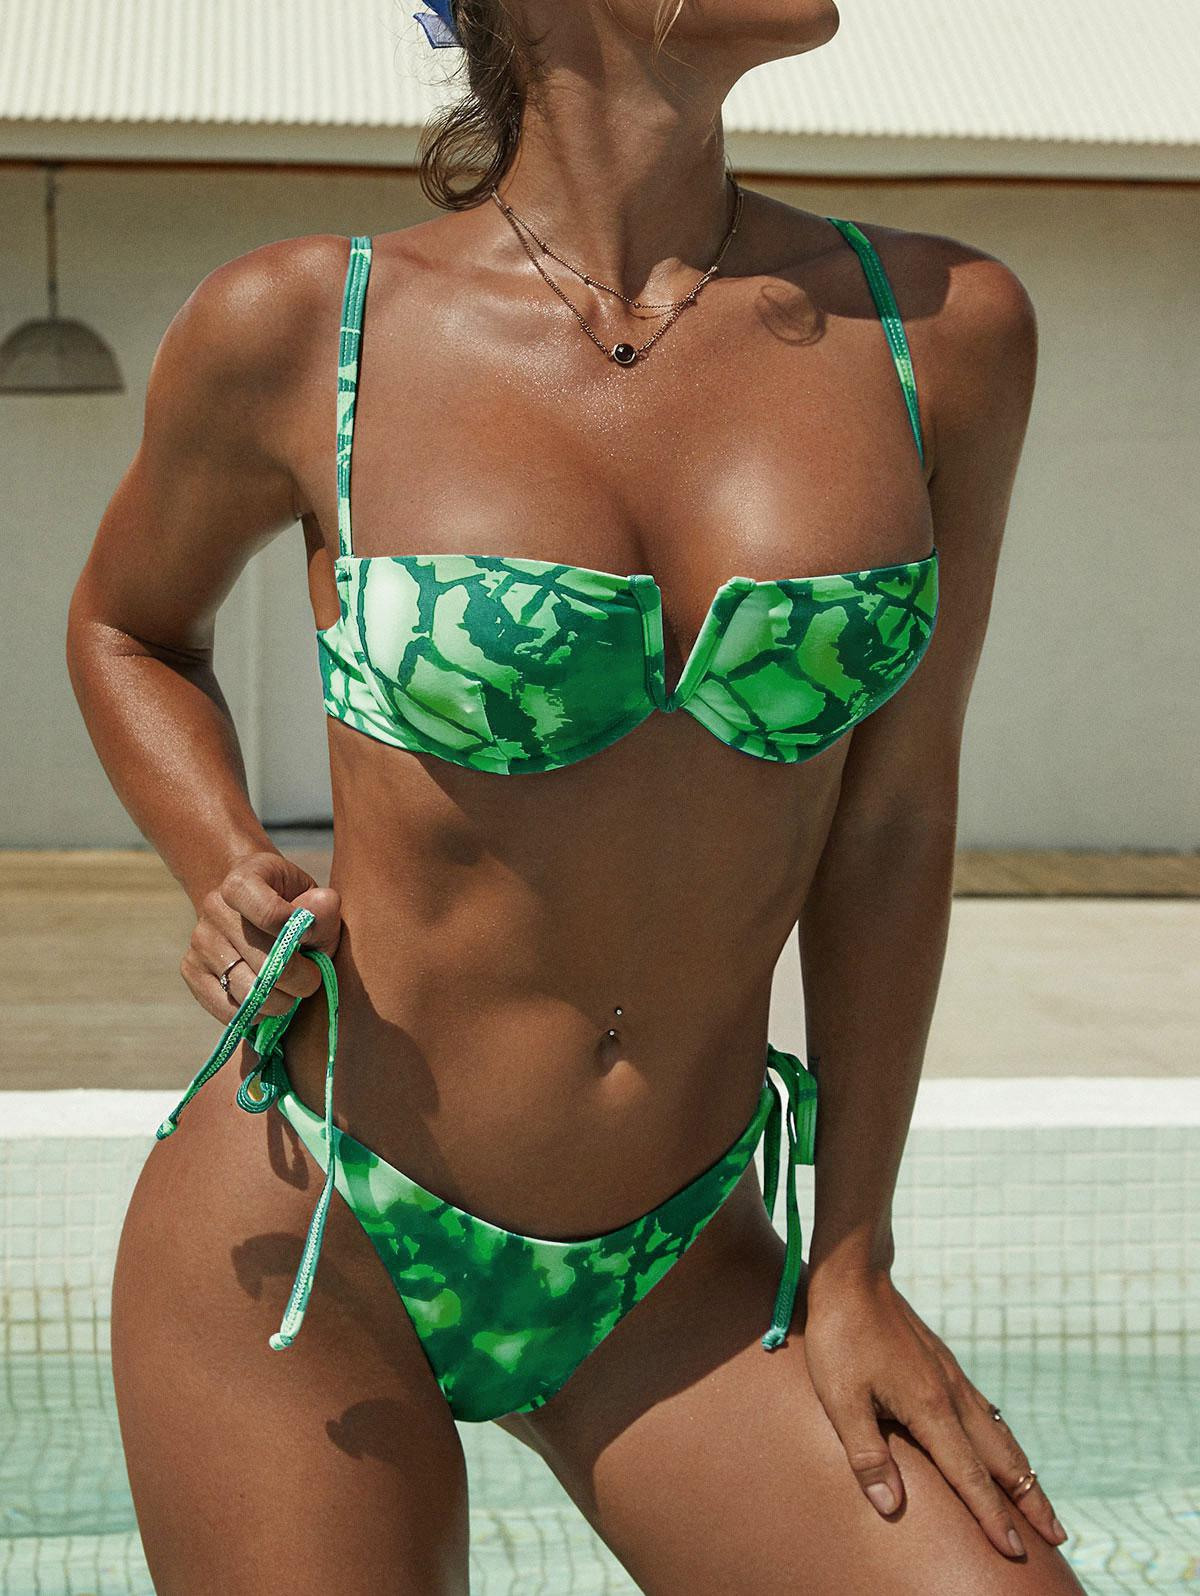 ZAFUL Tie Dye V-wired Underwire Scrunch Butt Balconette Bikini Swimwear